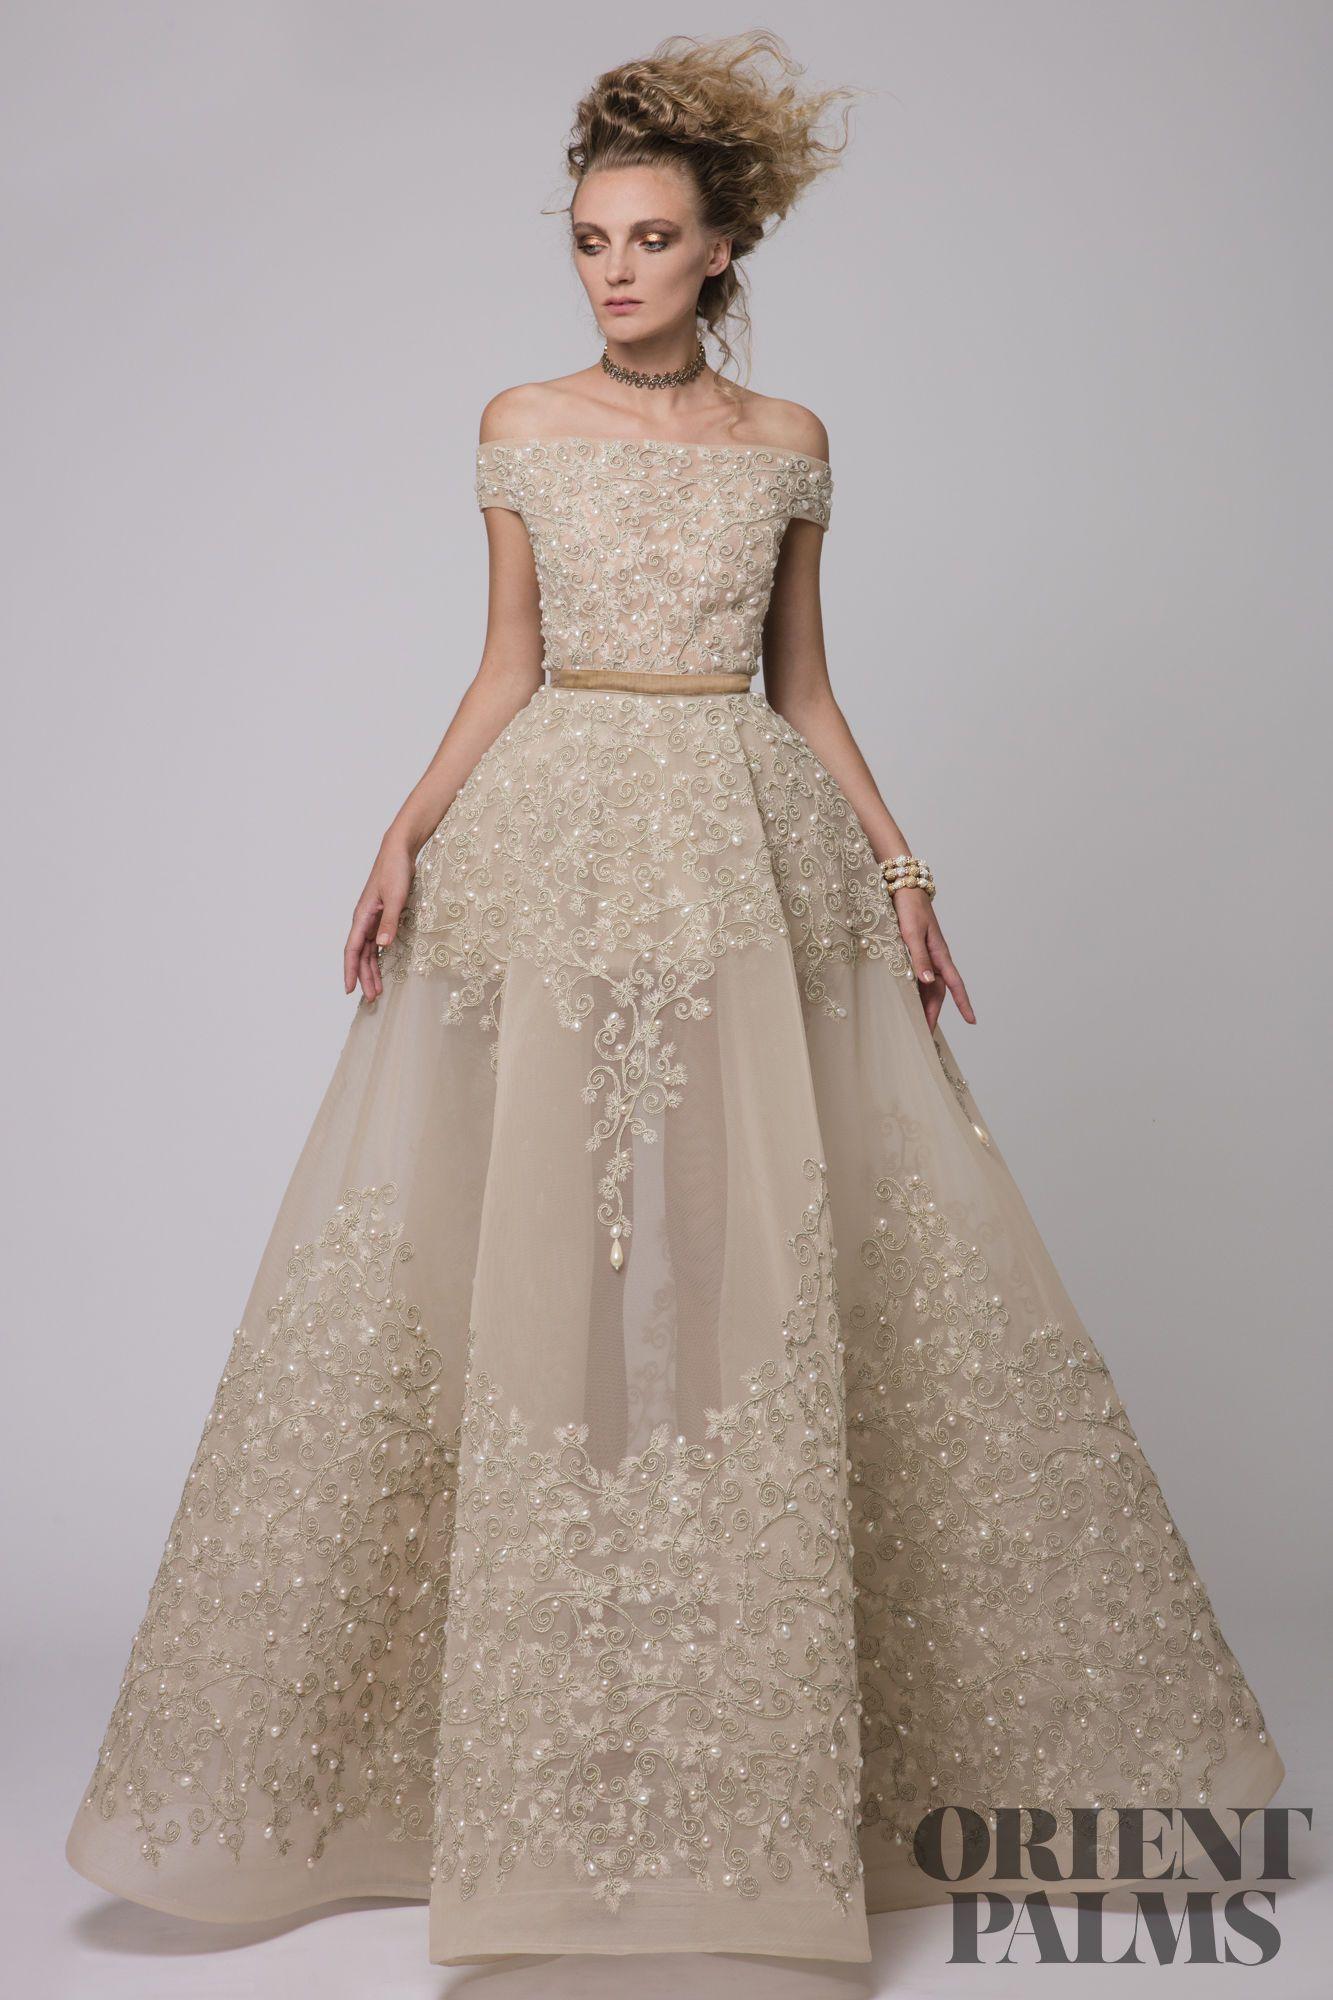 Wedding dress consignment shops near me  Azzi u Osta Fallwinter   Couture  Schön  Pinterest